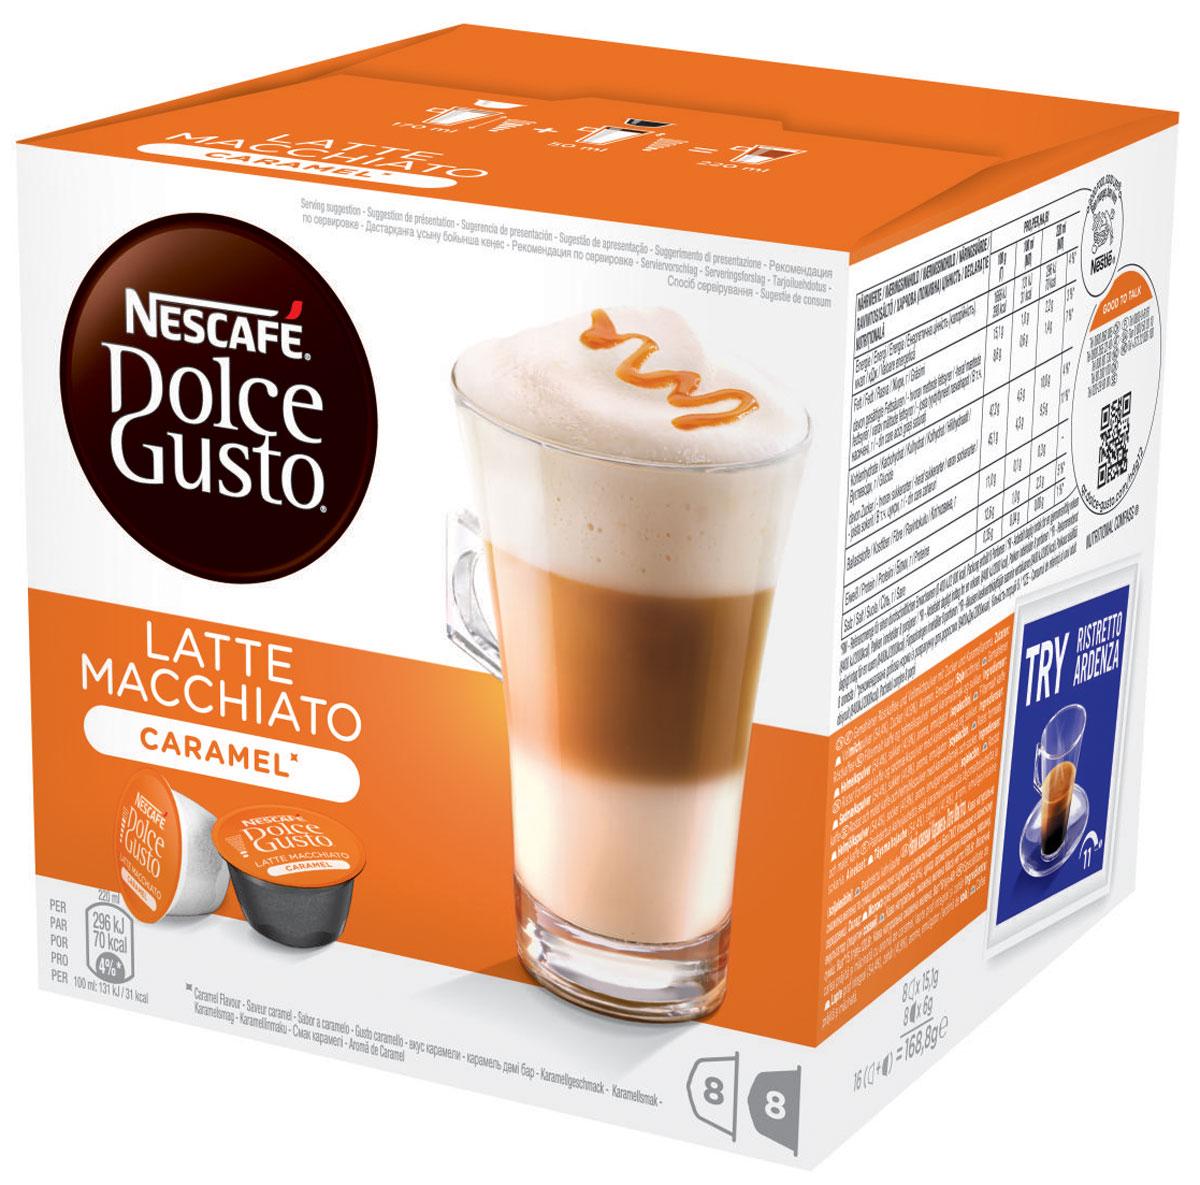 Nescafe Dolce Gusto Latte Macchiato со вкусом карамели кофе в капсулах, 16 шт аксессуар delonghi чашки для латте macchiato